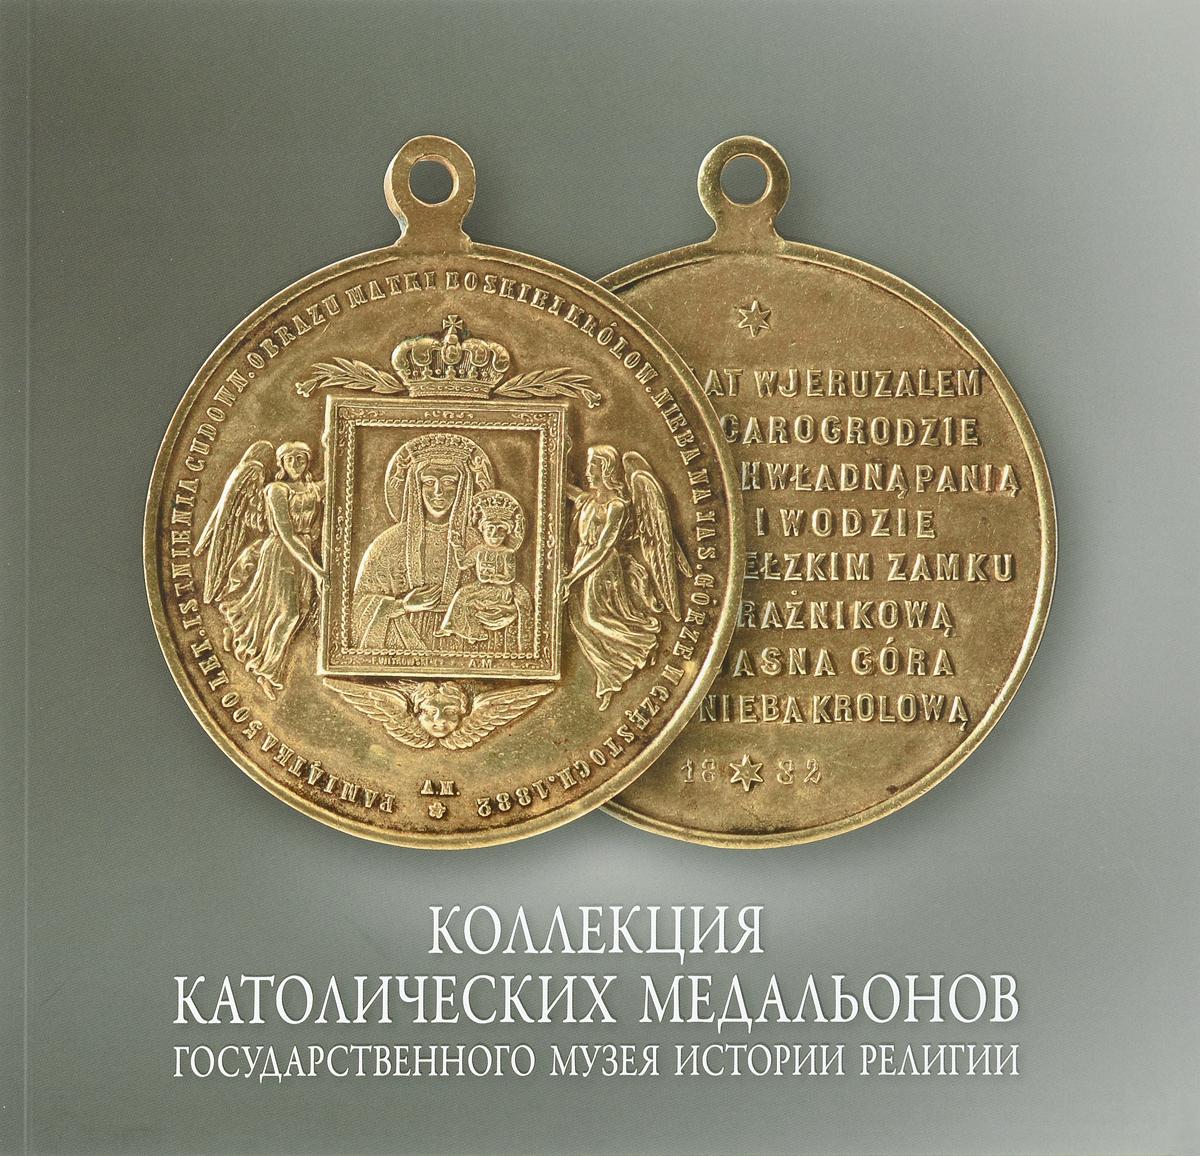 Коллекция католических медальонов Государственного музея истории религии